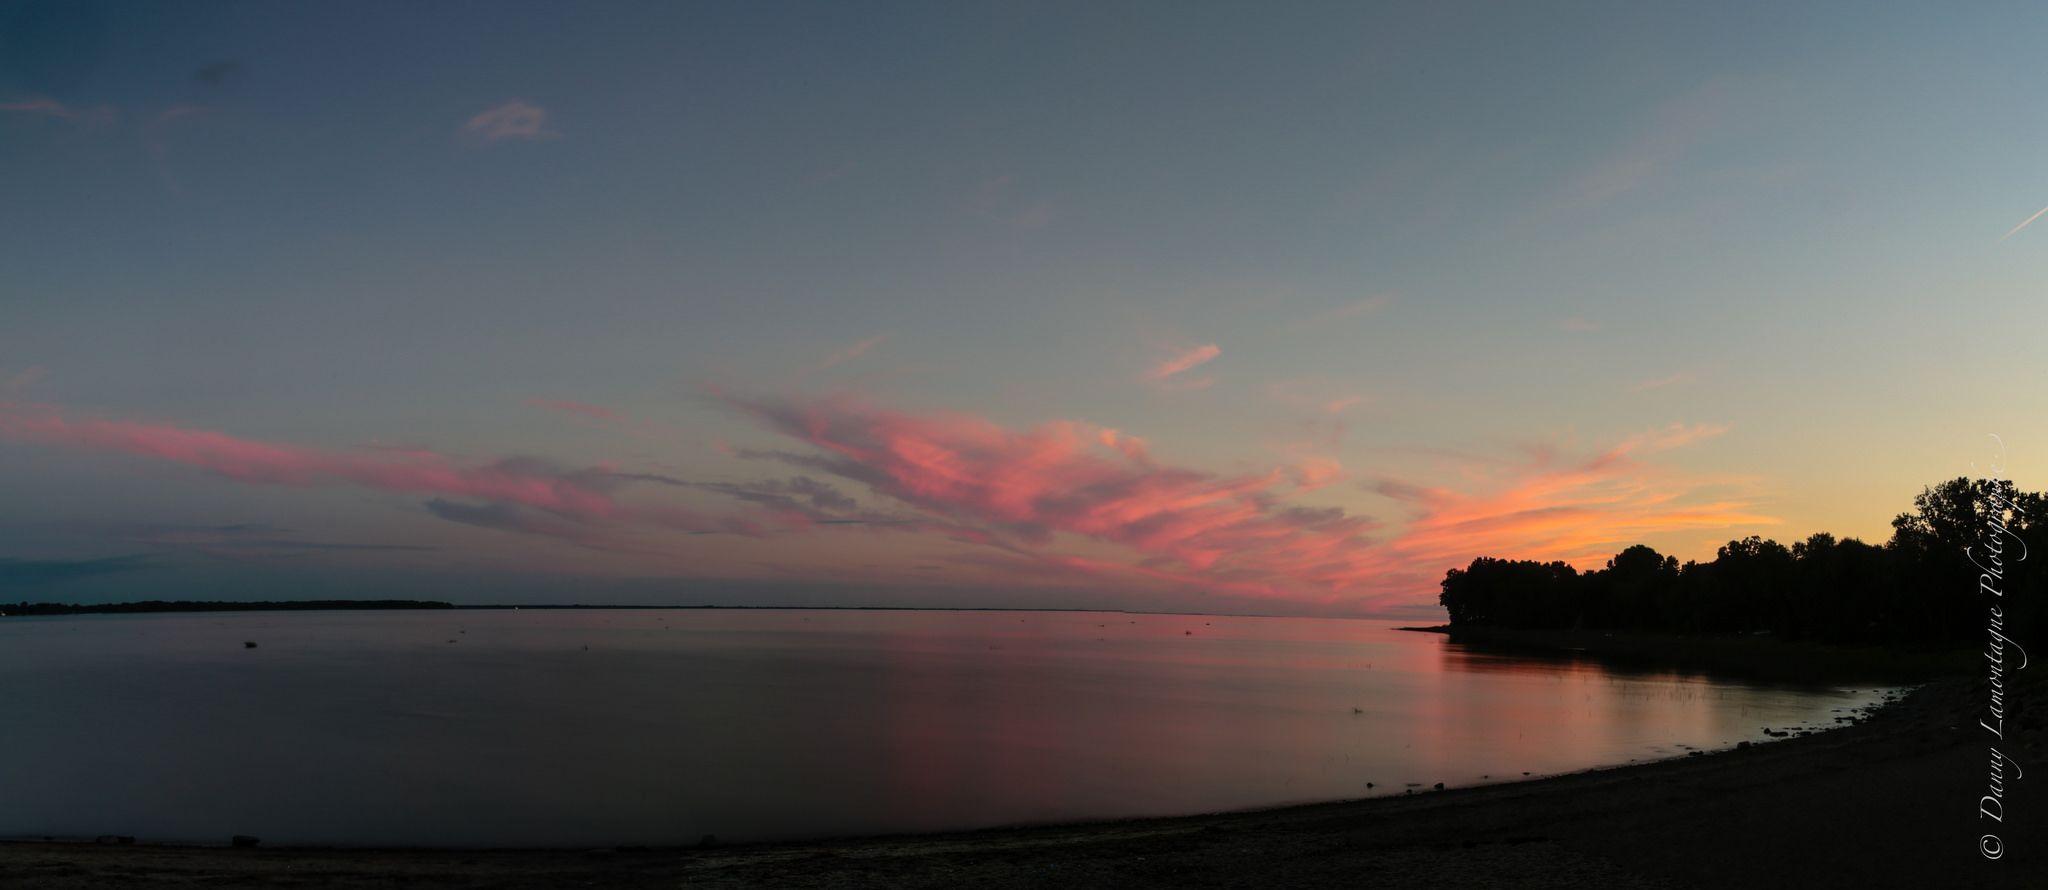 https://flic.kr/p/wQLRxa | coucher soleil à Pointe-du-Lac, Québec